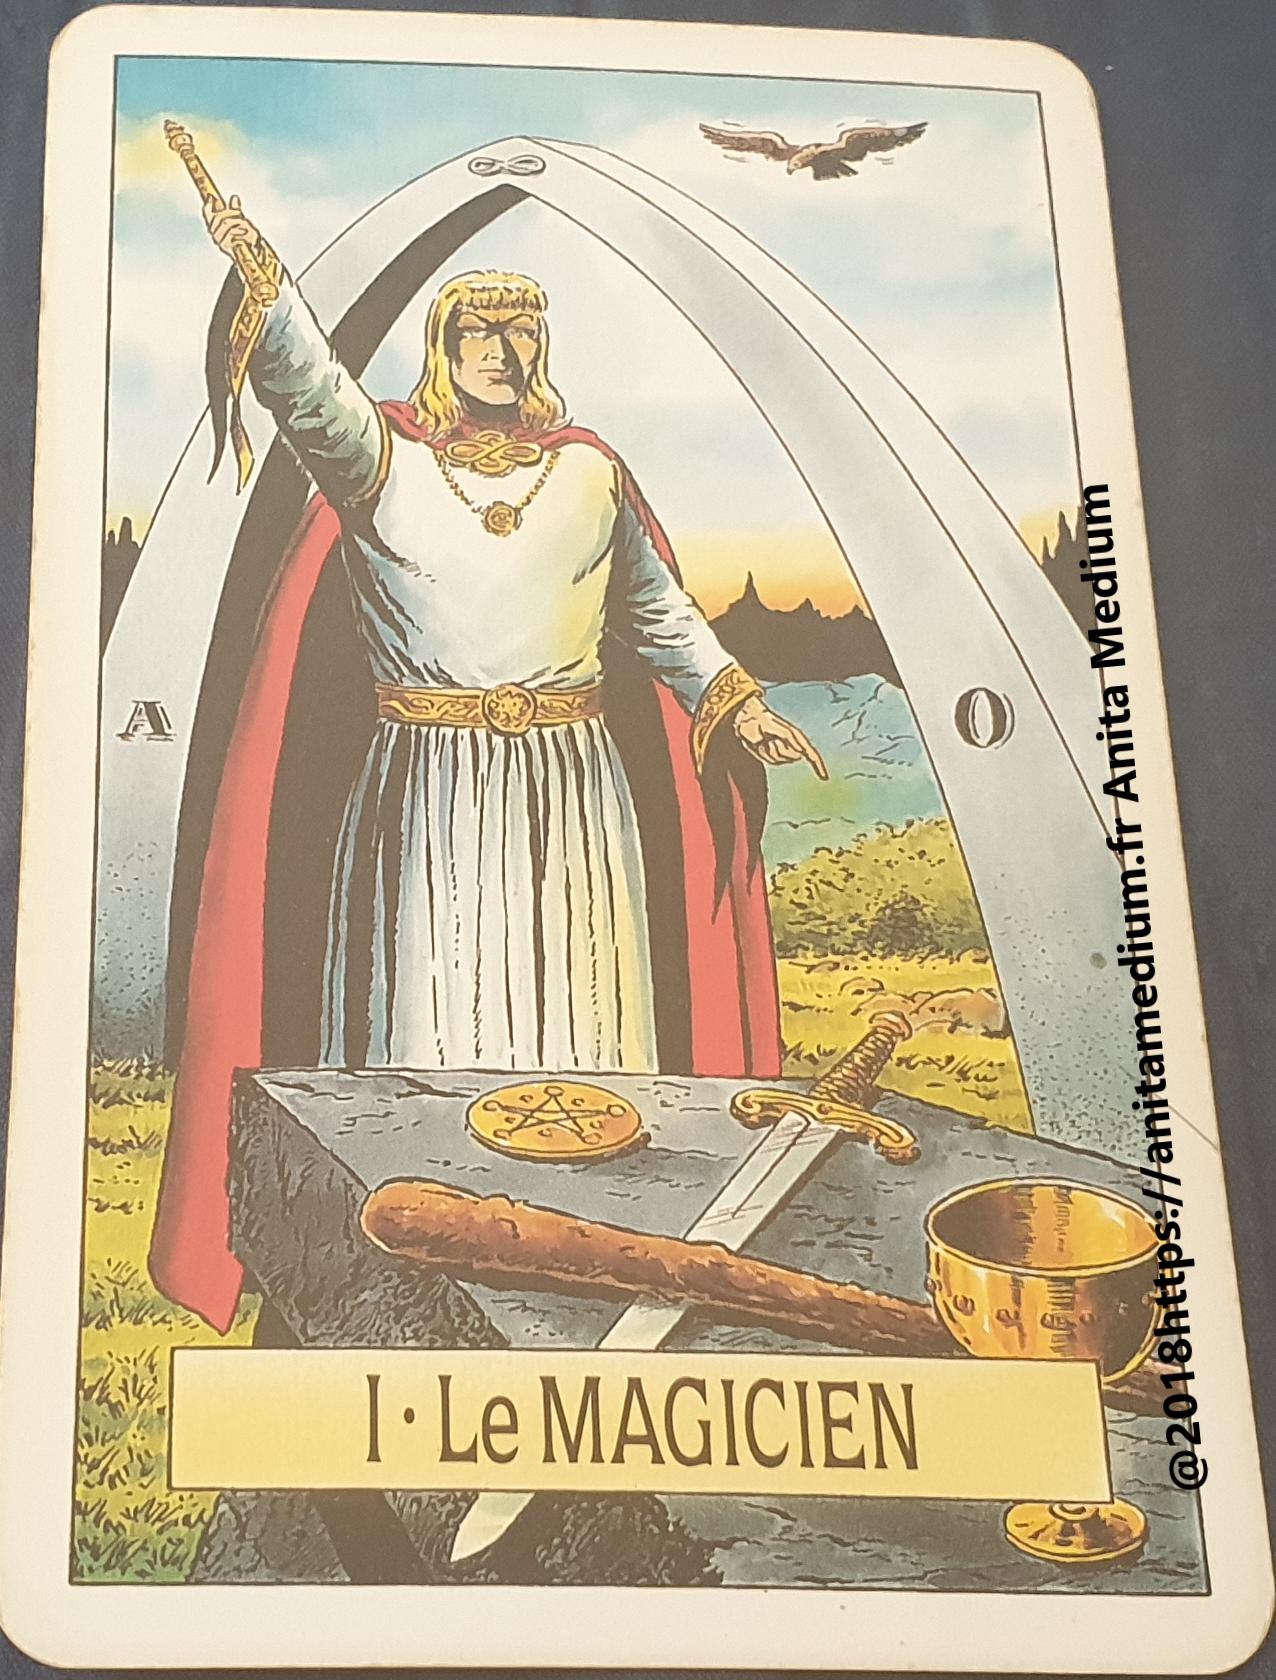 Le Magicien des tarots nous parlent